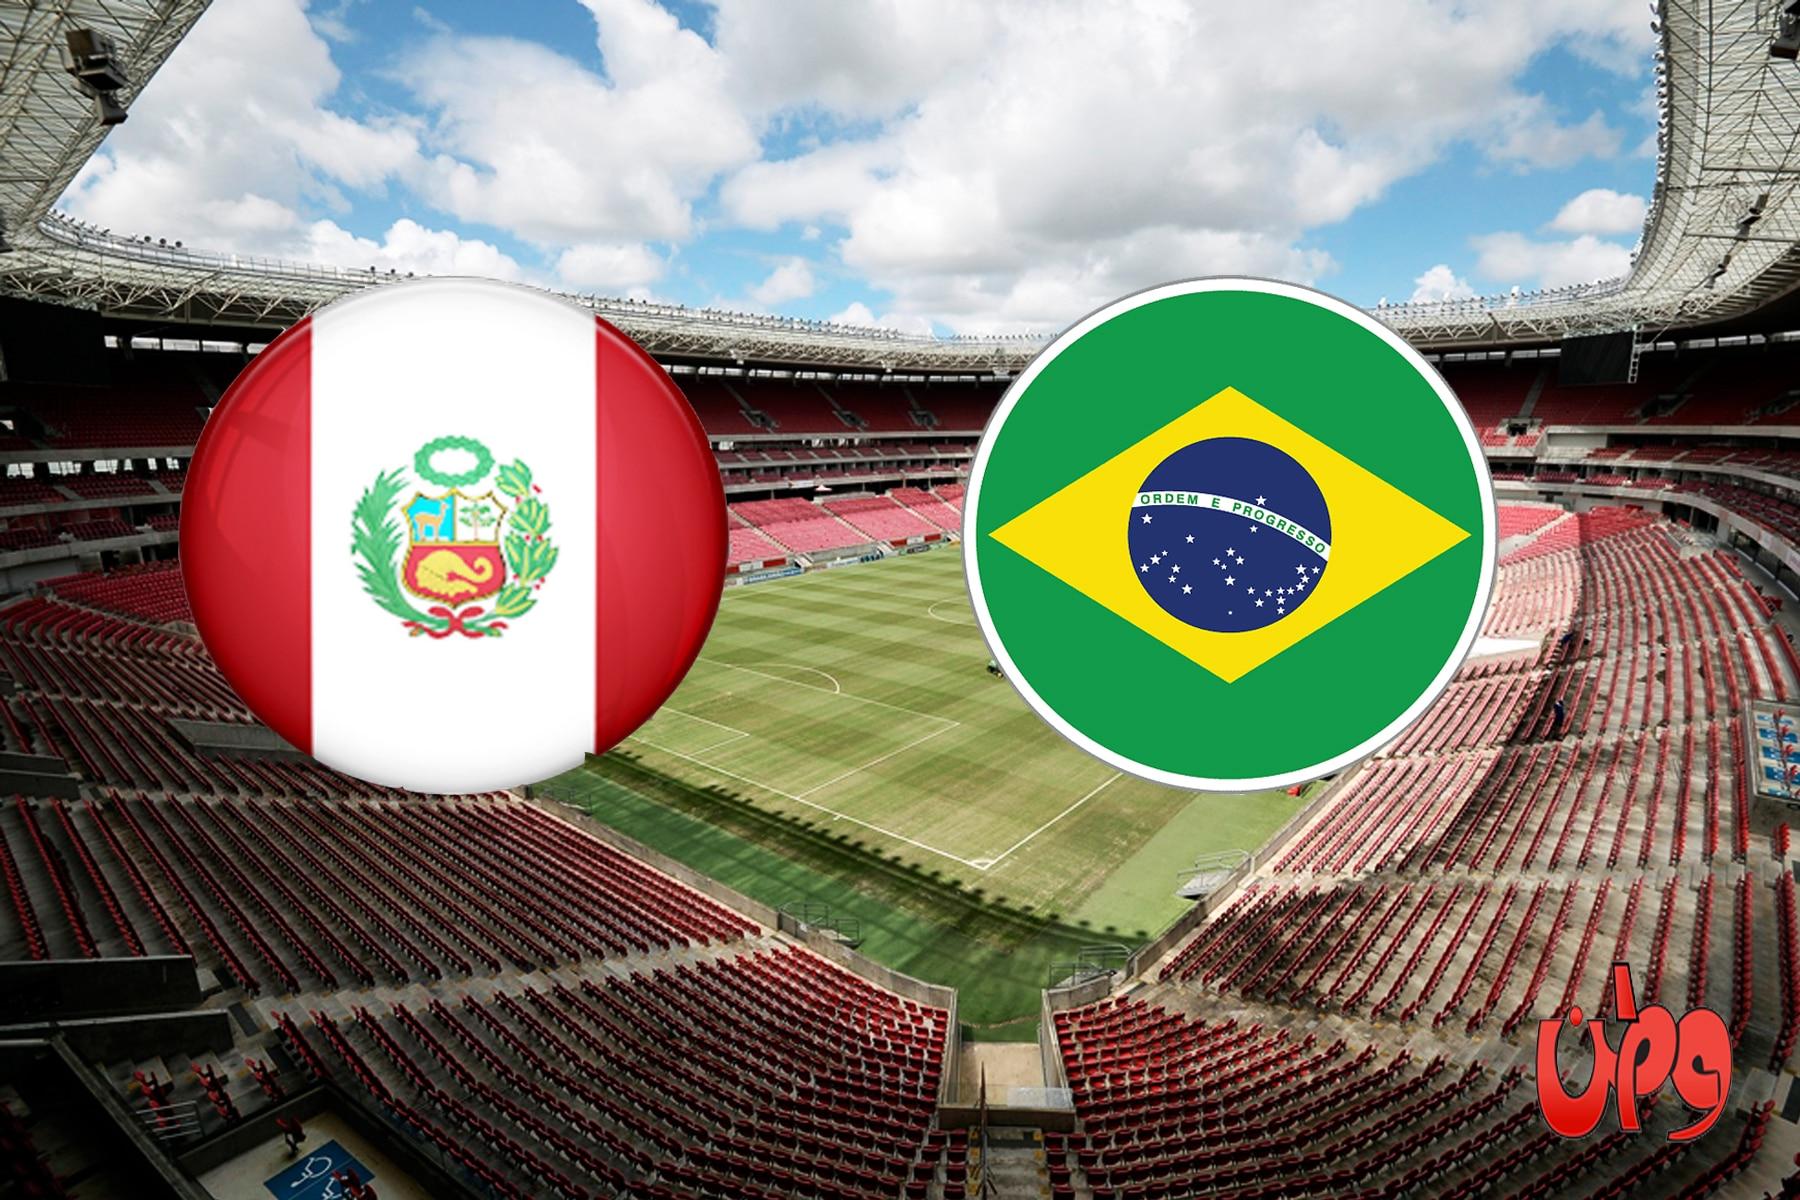 مباراة منتخب البرازيل والبيرو في تصفيات أمريكا الجنوبية لمونديال كأس العالم